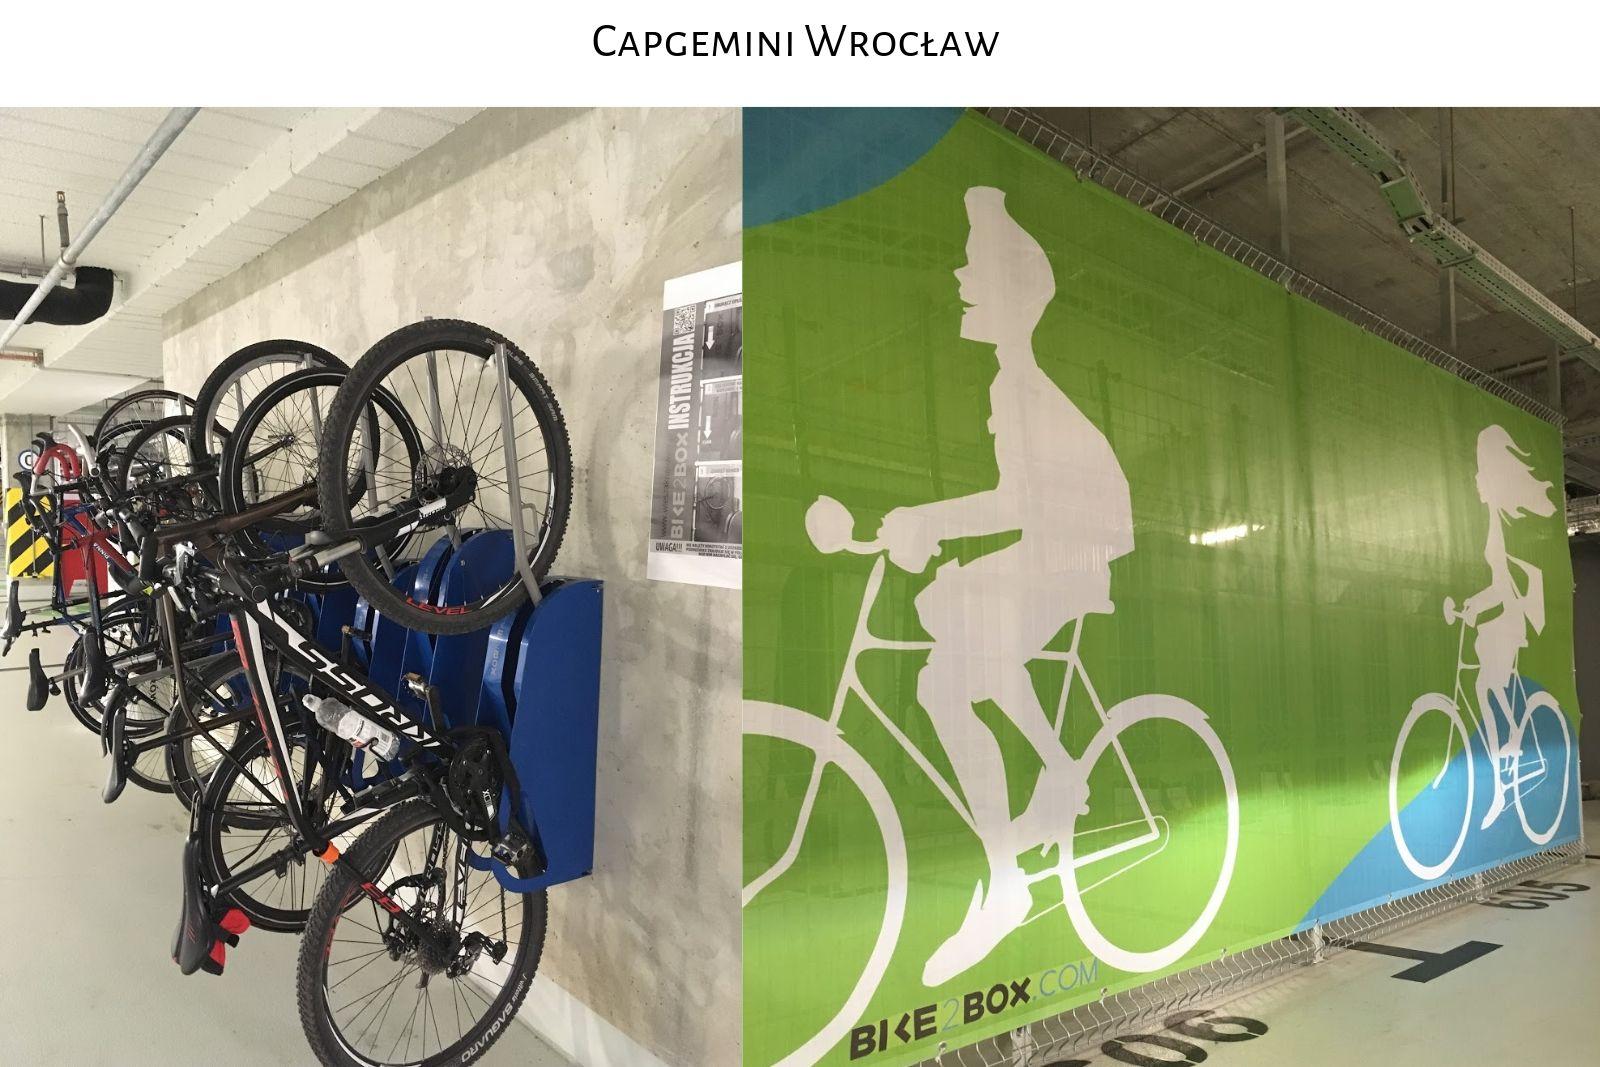 Parking rowerowy Capgemini Wrocław